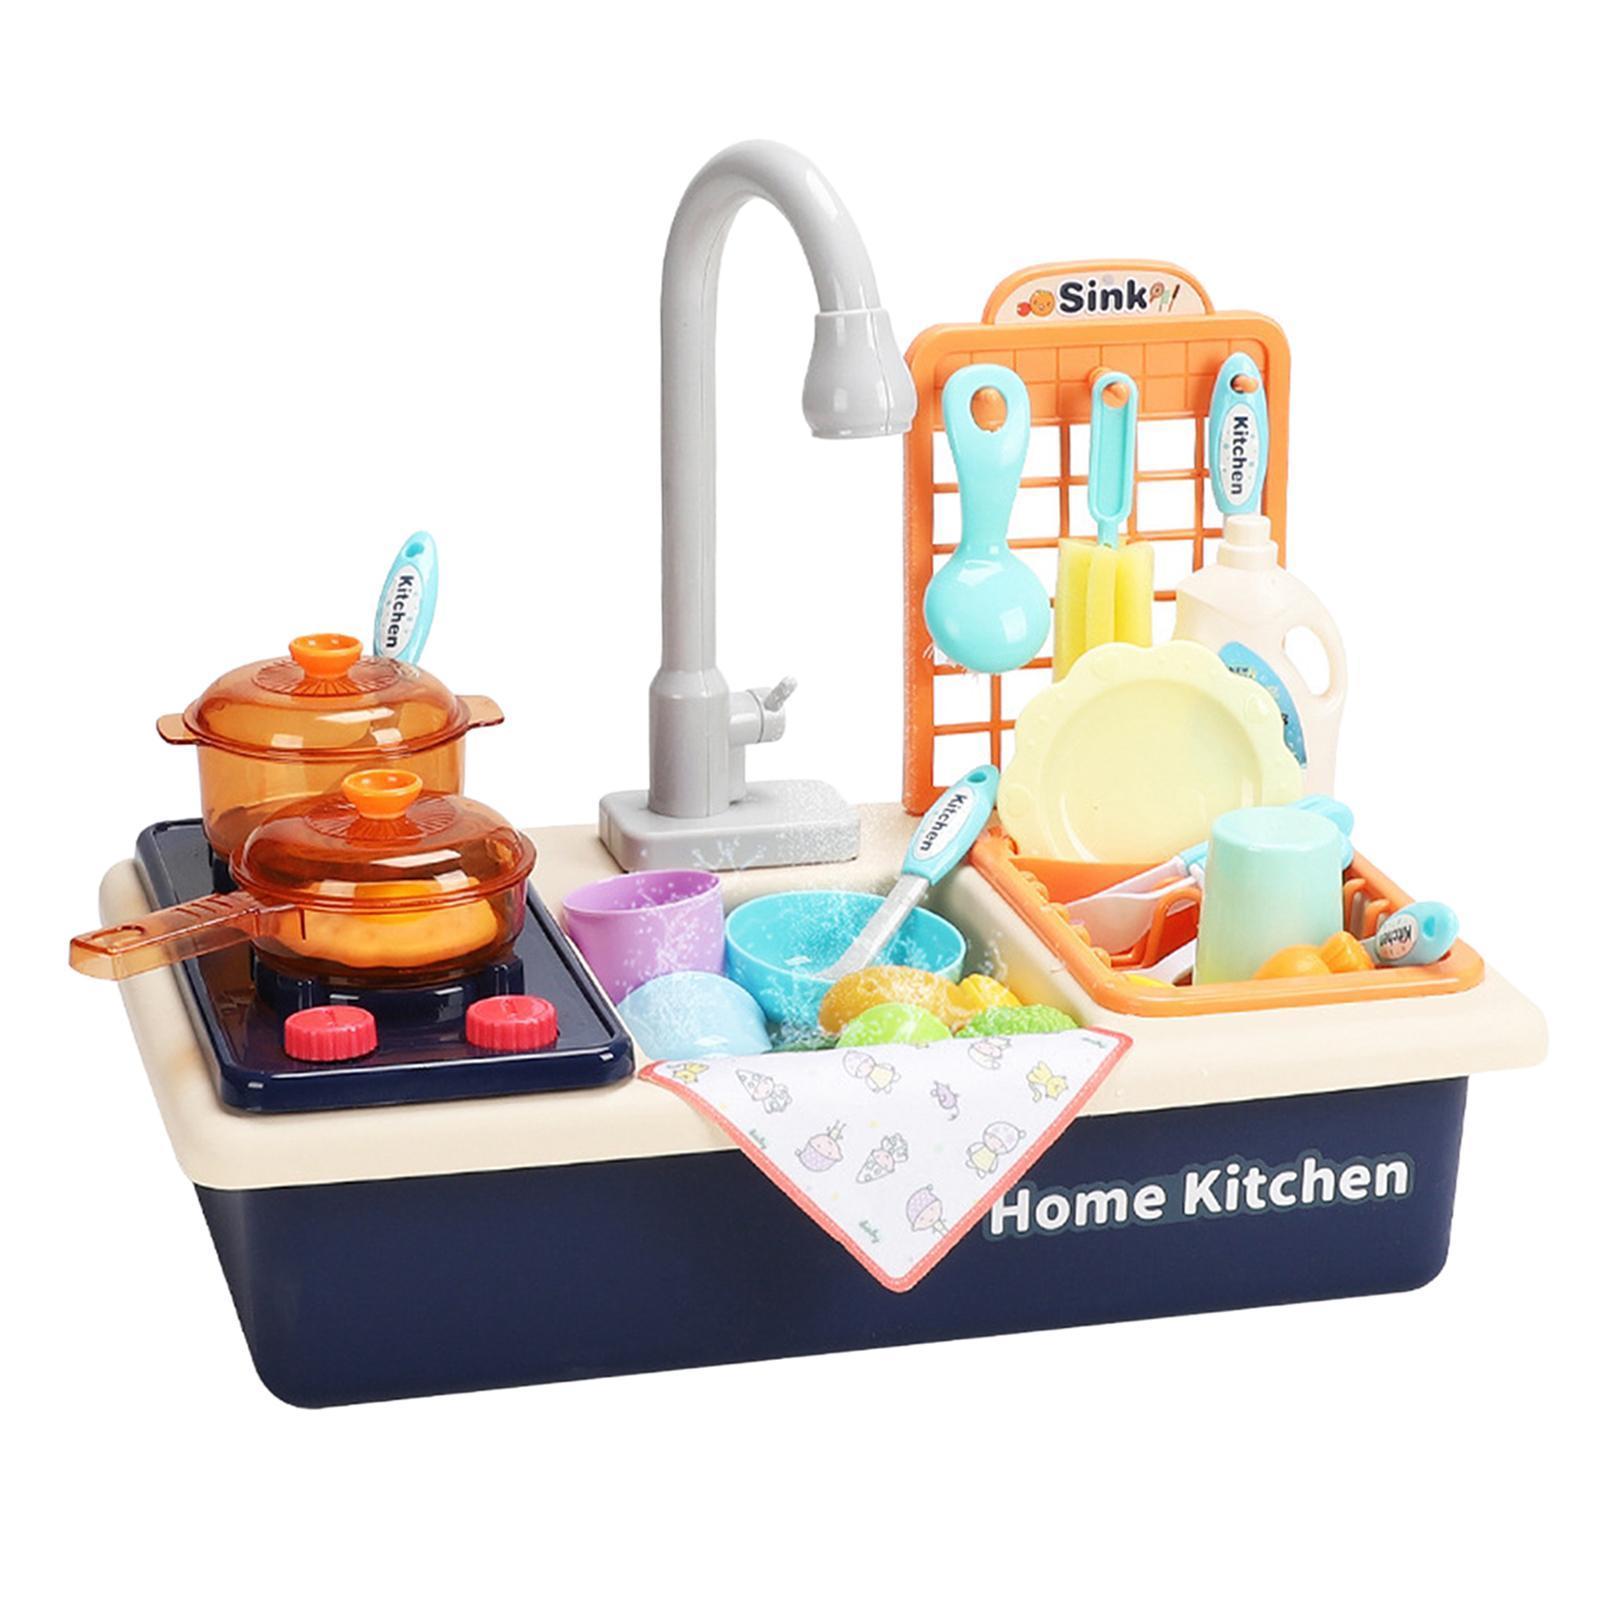 Indexbild 23 - Kinder-Kueche-Spielen-Waschbecken-Spielzeug-Automatische-Wasser-Zyklus-System